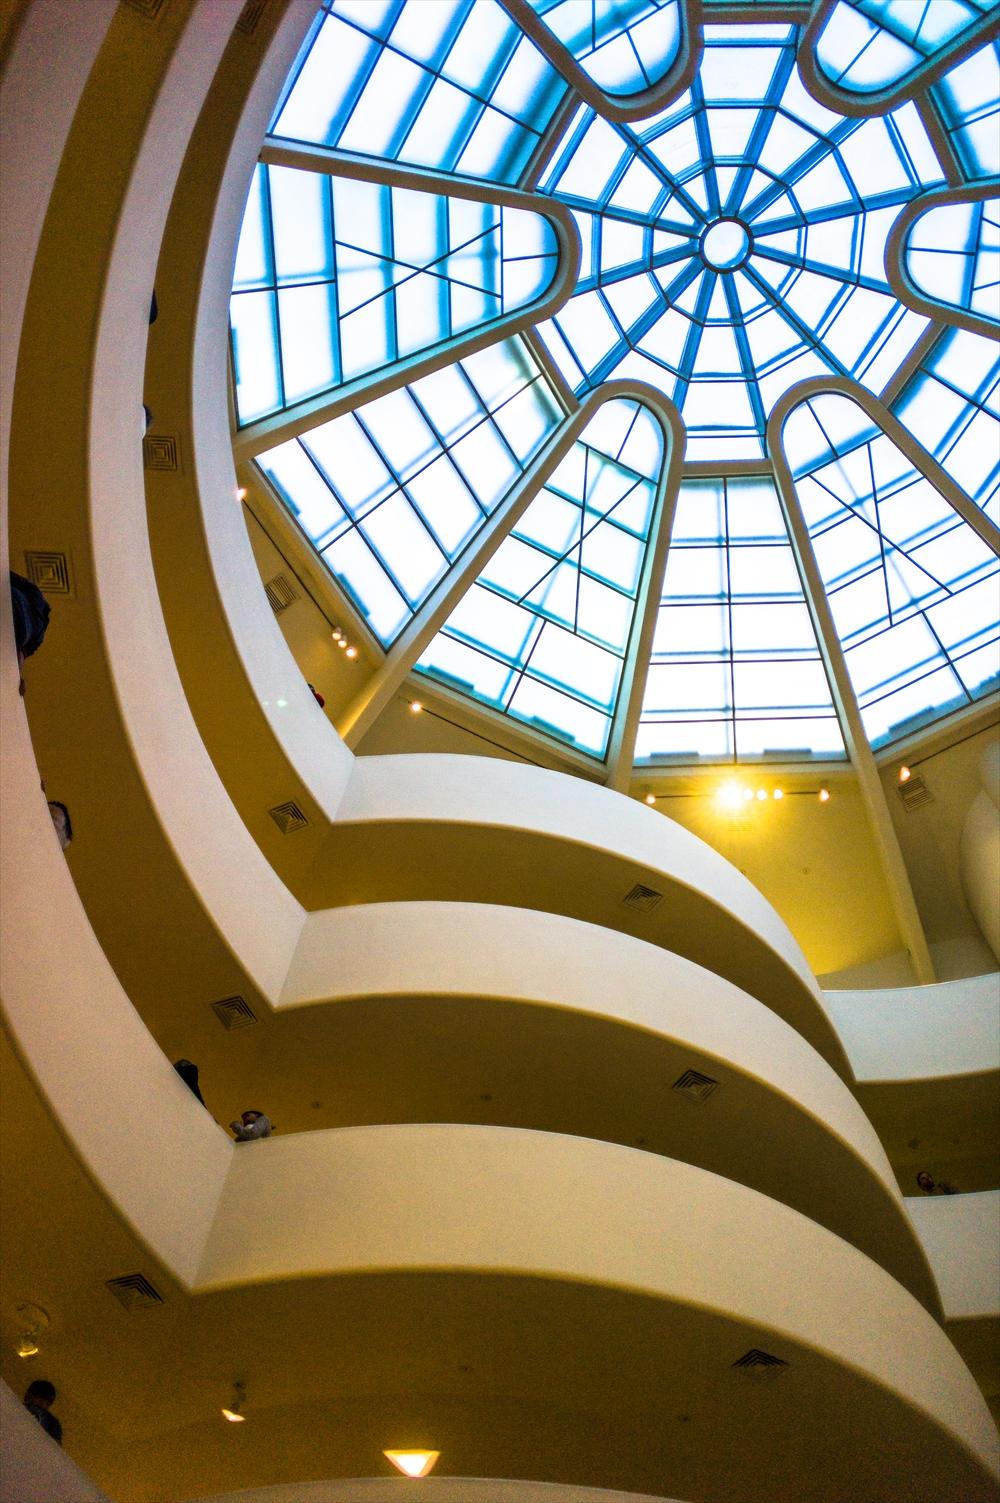 The Guggenheim1